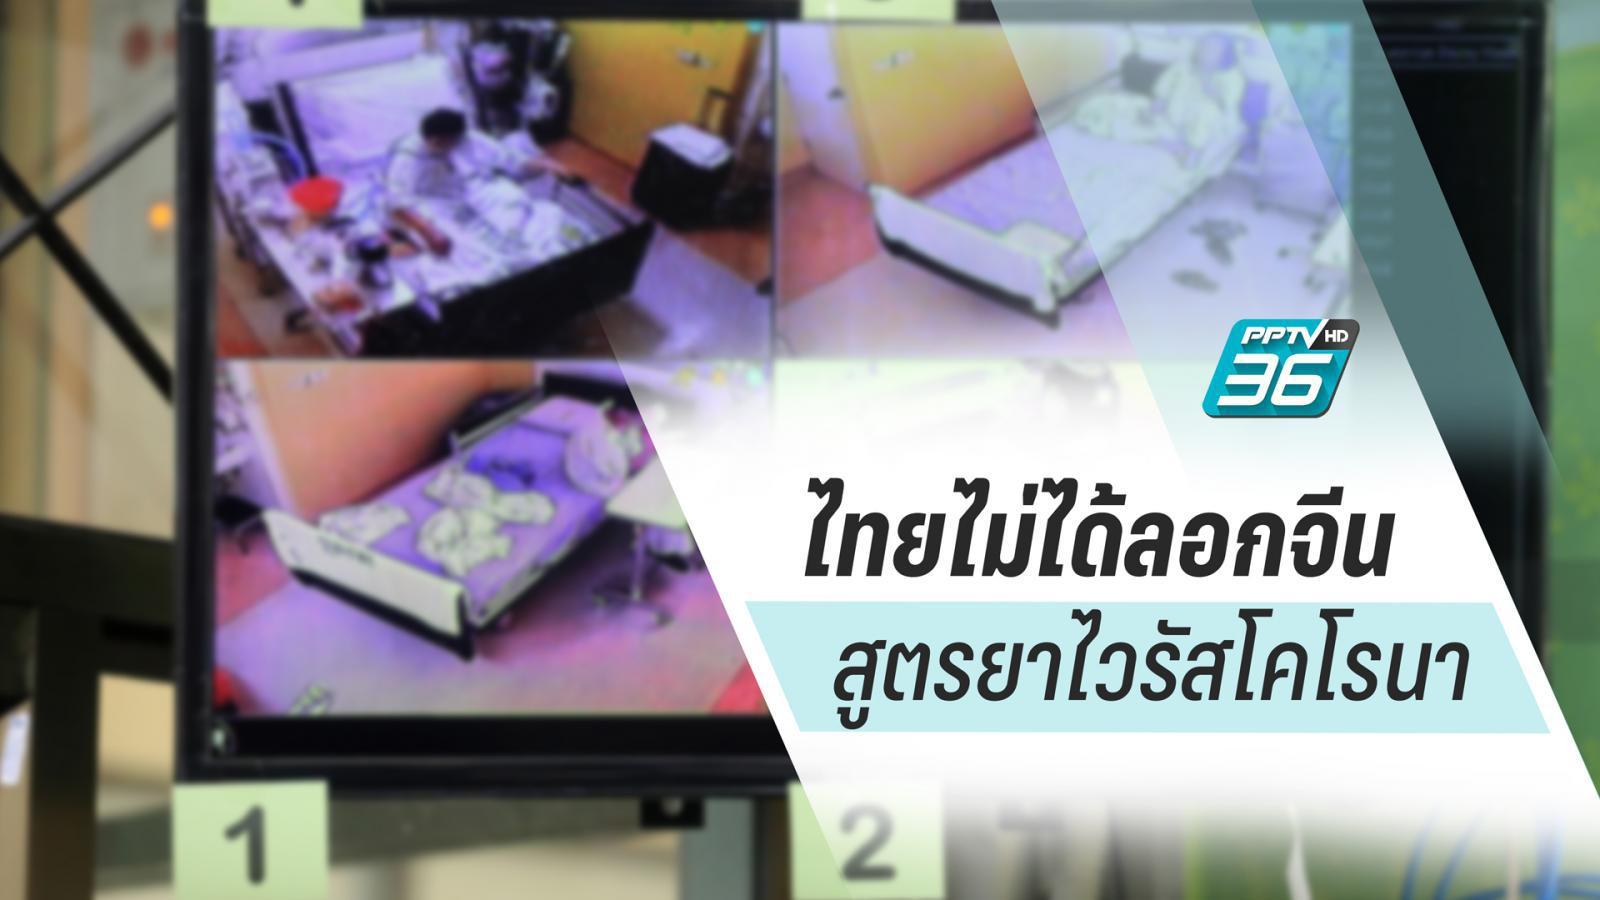 ไวรัสโคโรนา: สธ.แจงข้อเท็จจริงหมอไทยไม่ได้ลอกสูตรยาไวรัสโคโรนาจากจีน